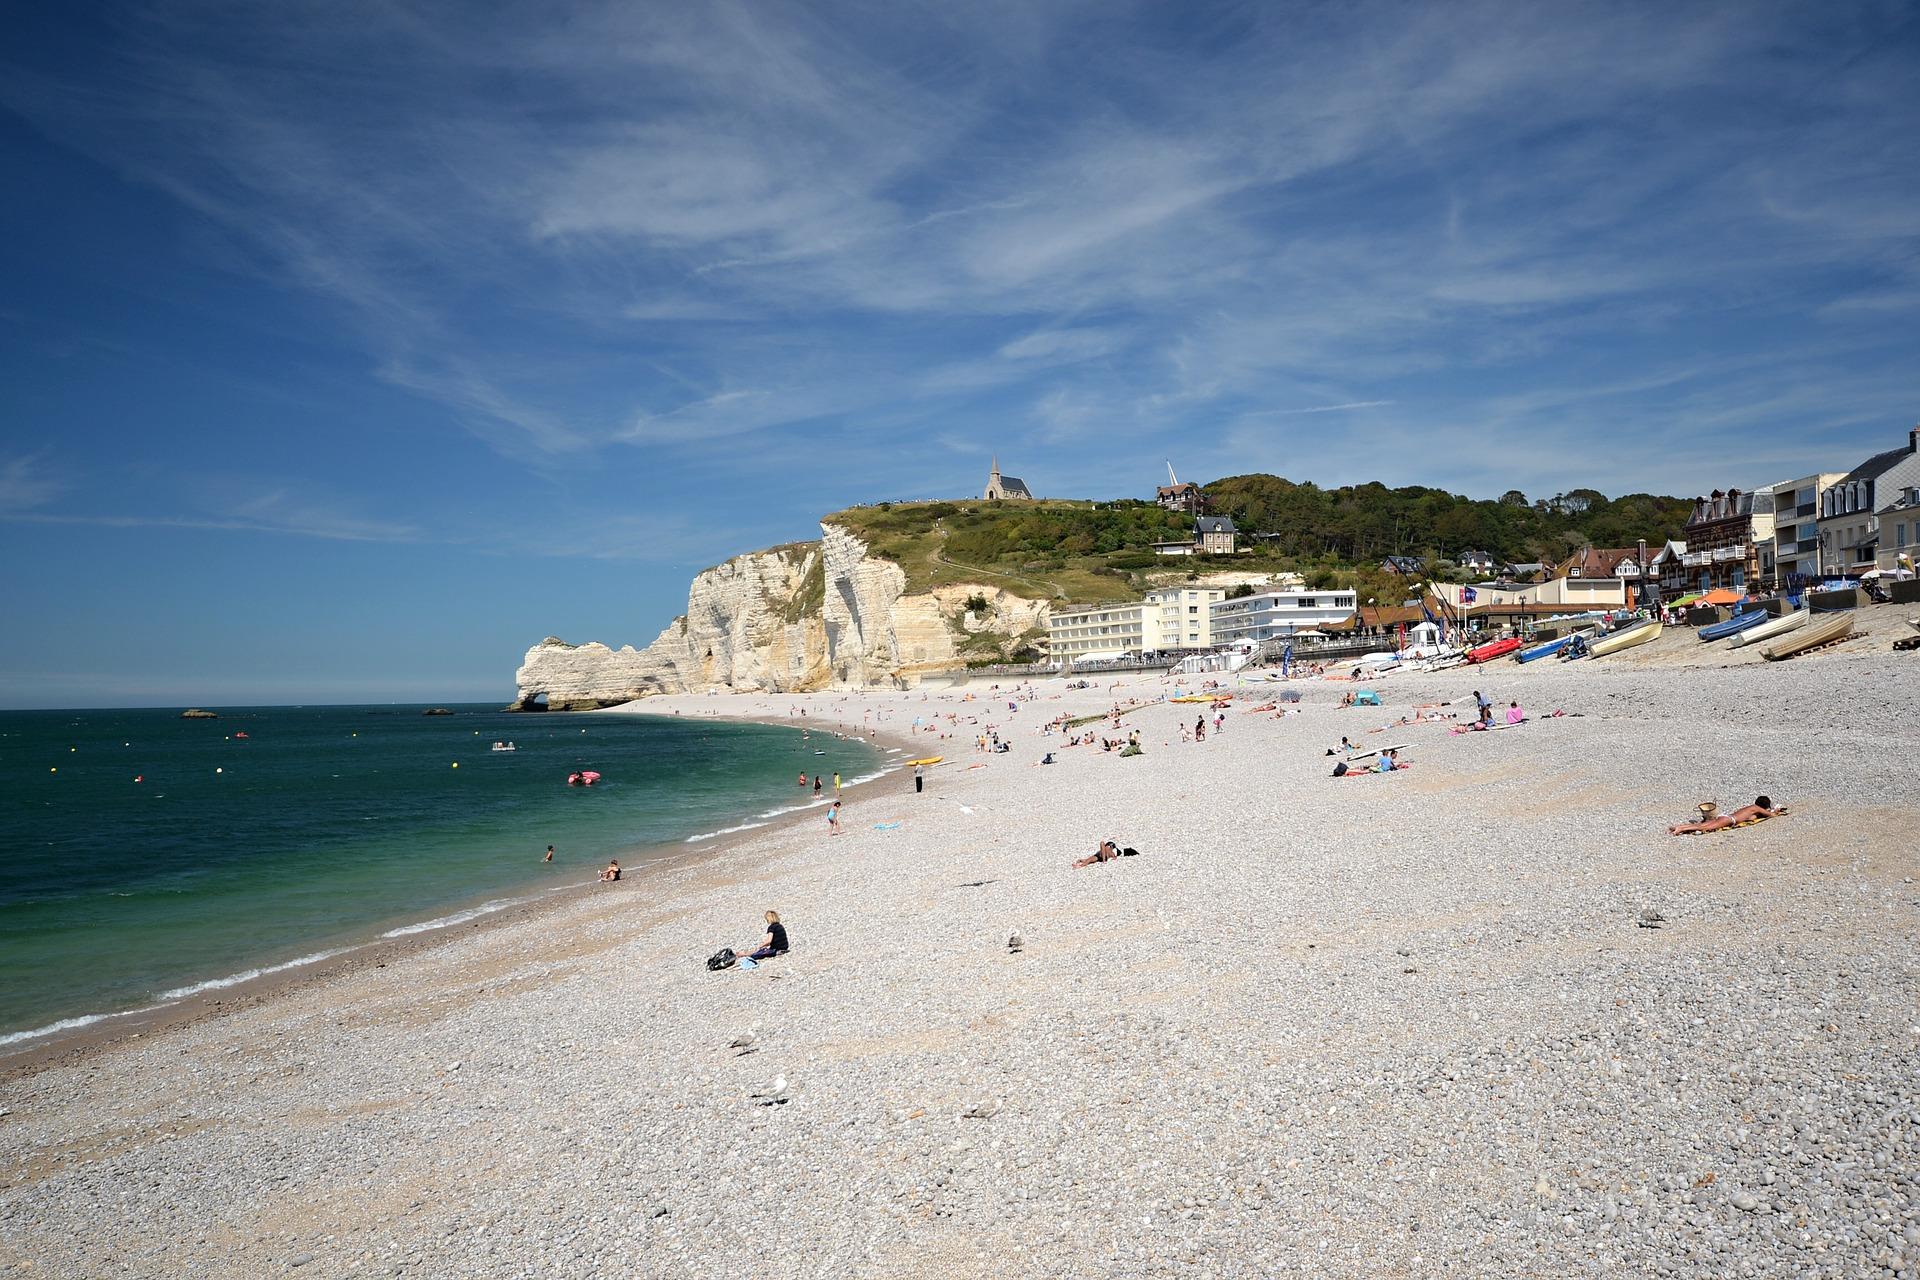 La plage d'Etretat est interdite depuis le 18 juillet à la baignade et aux activités nautiques. Elle le restera tant que la qualité des eaux ne sera pas revenue à un niveau satisfaisant - Illustration © Pixabay